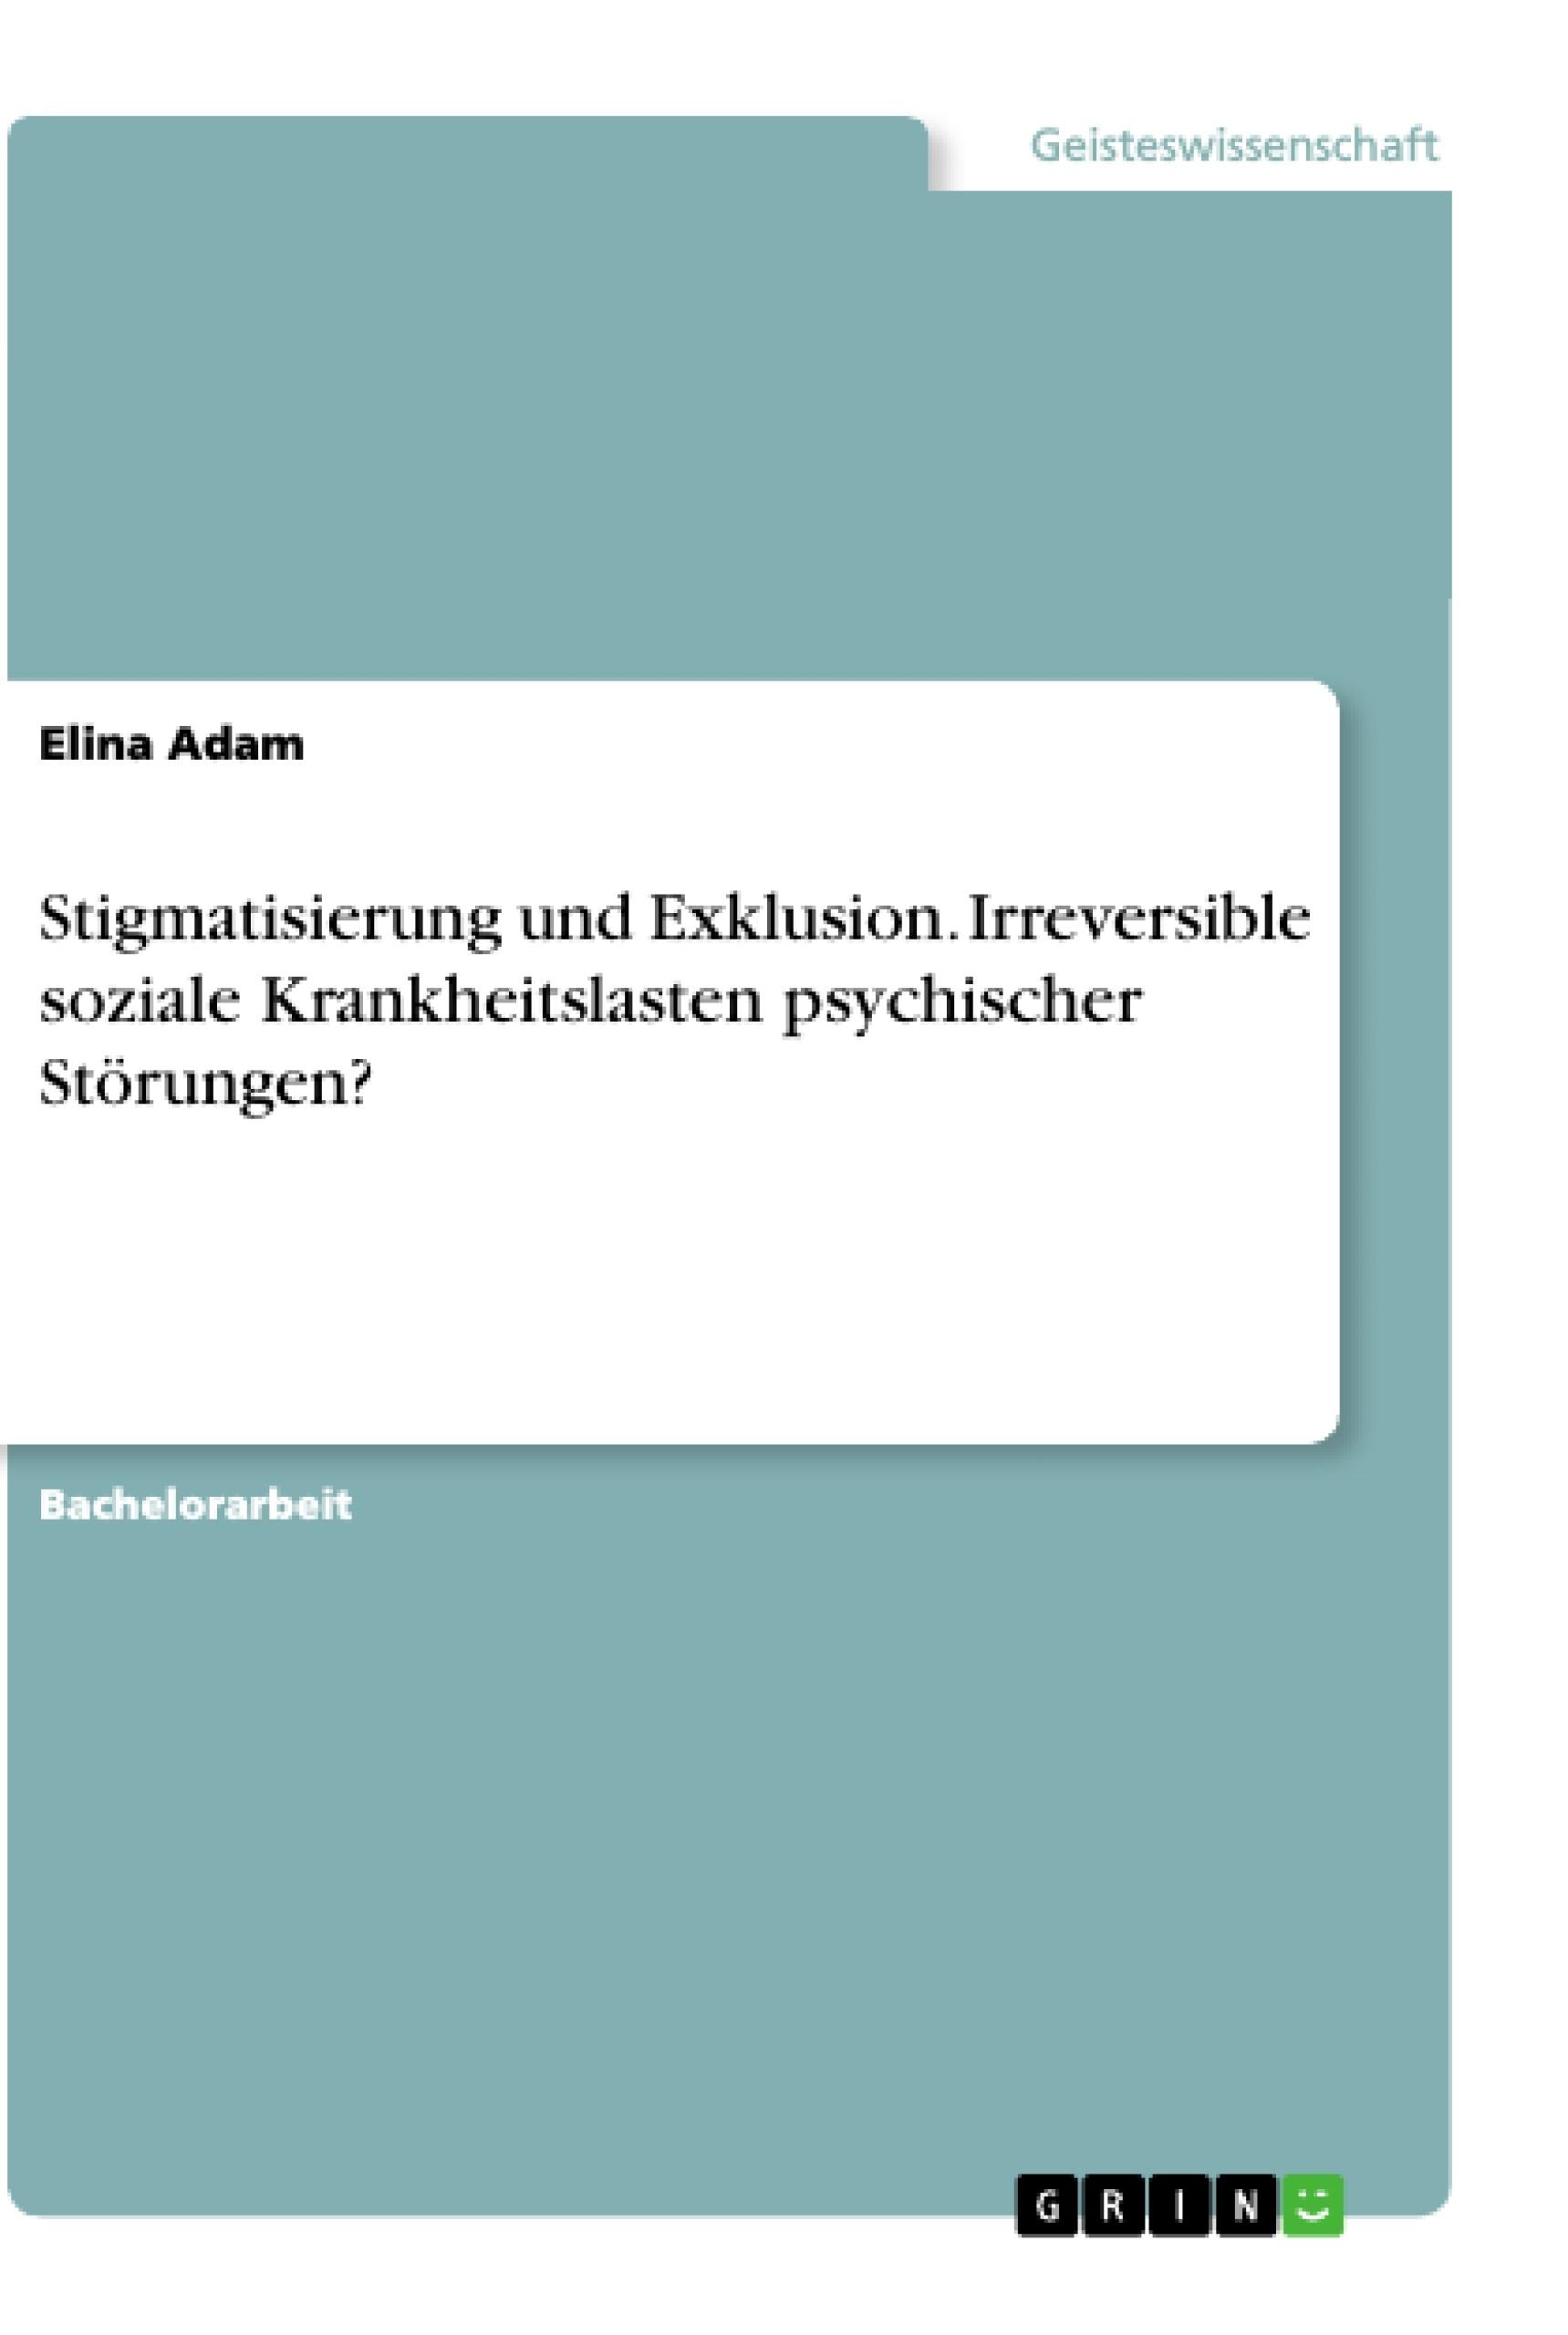 Titel: Stigmatisierung und Exklusion. Irreversible soziale Krankheitslasten psychischer Störungen?